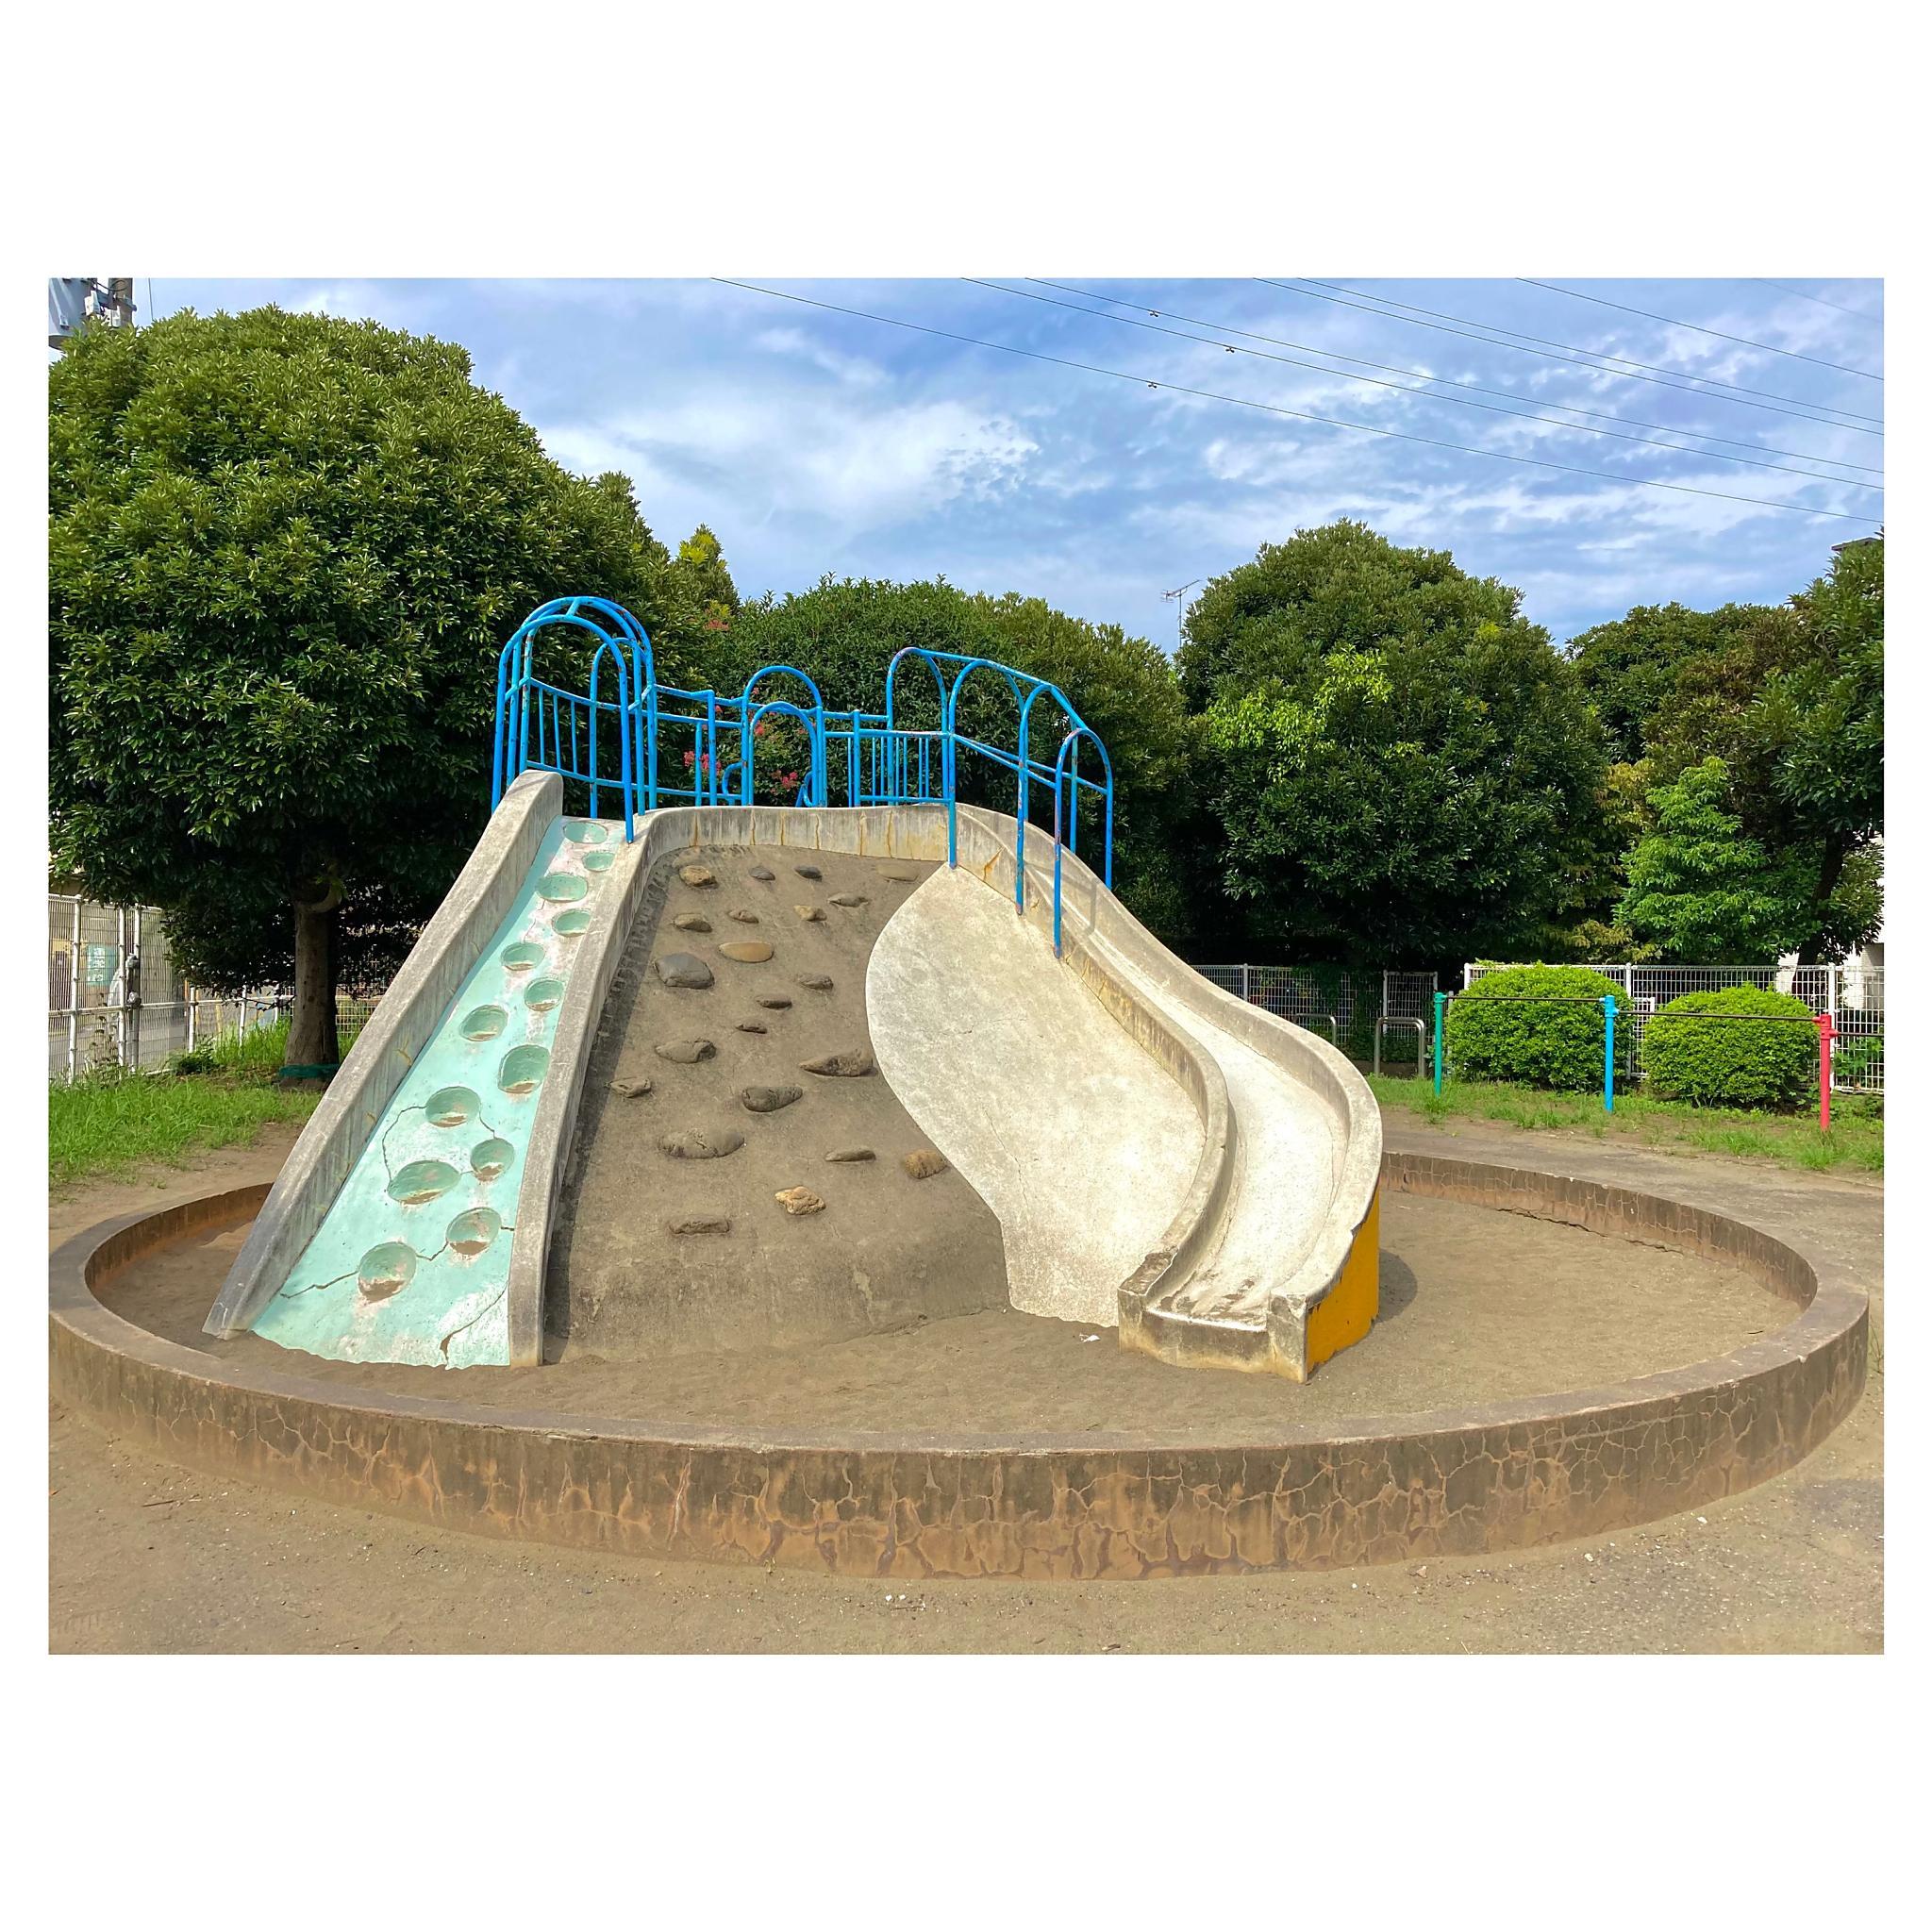 公園・滑り台と砂場と鉄棒 新町第2幼児公園 東京・府中市